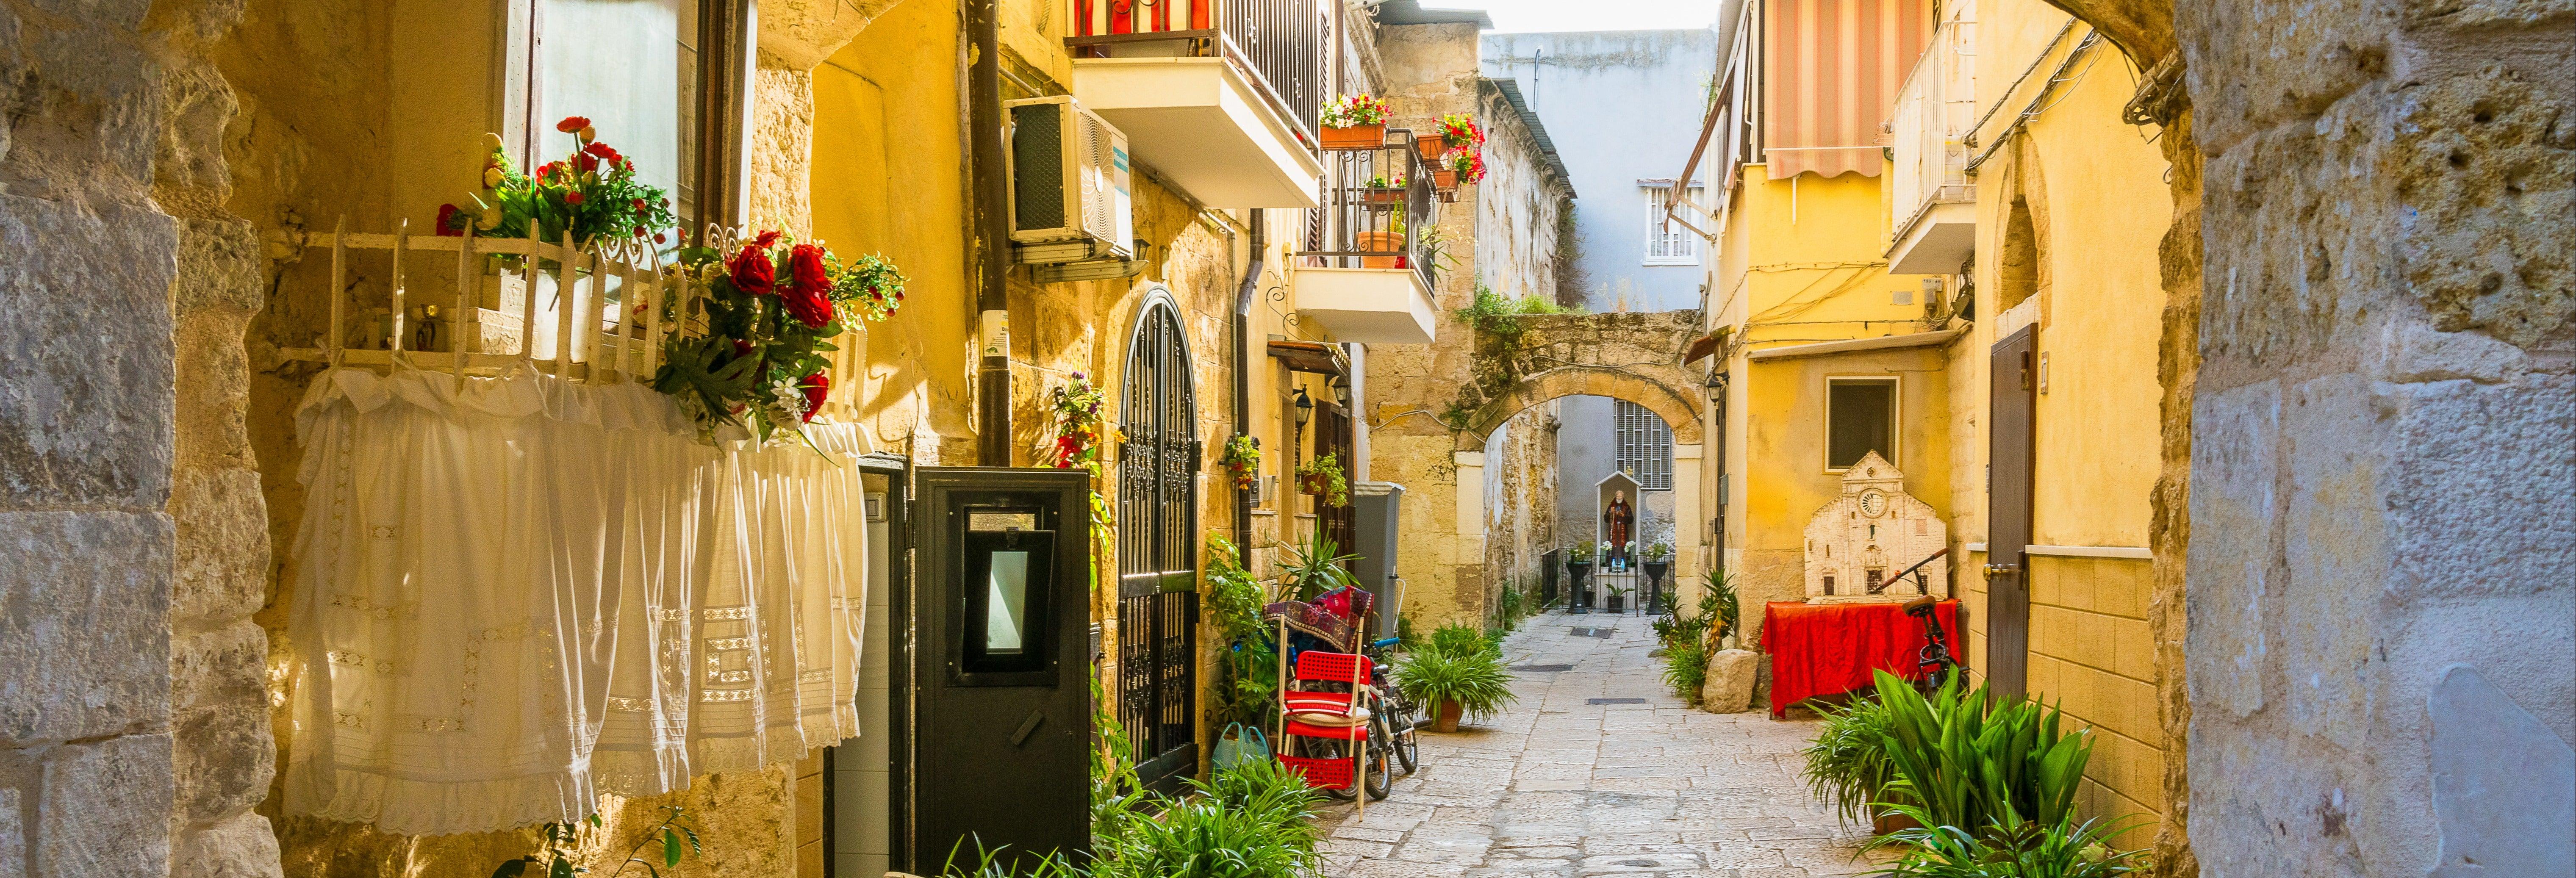 Visita guidata di Bari